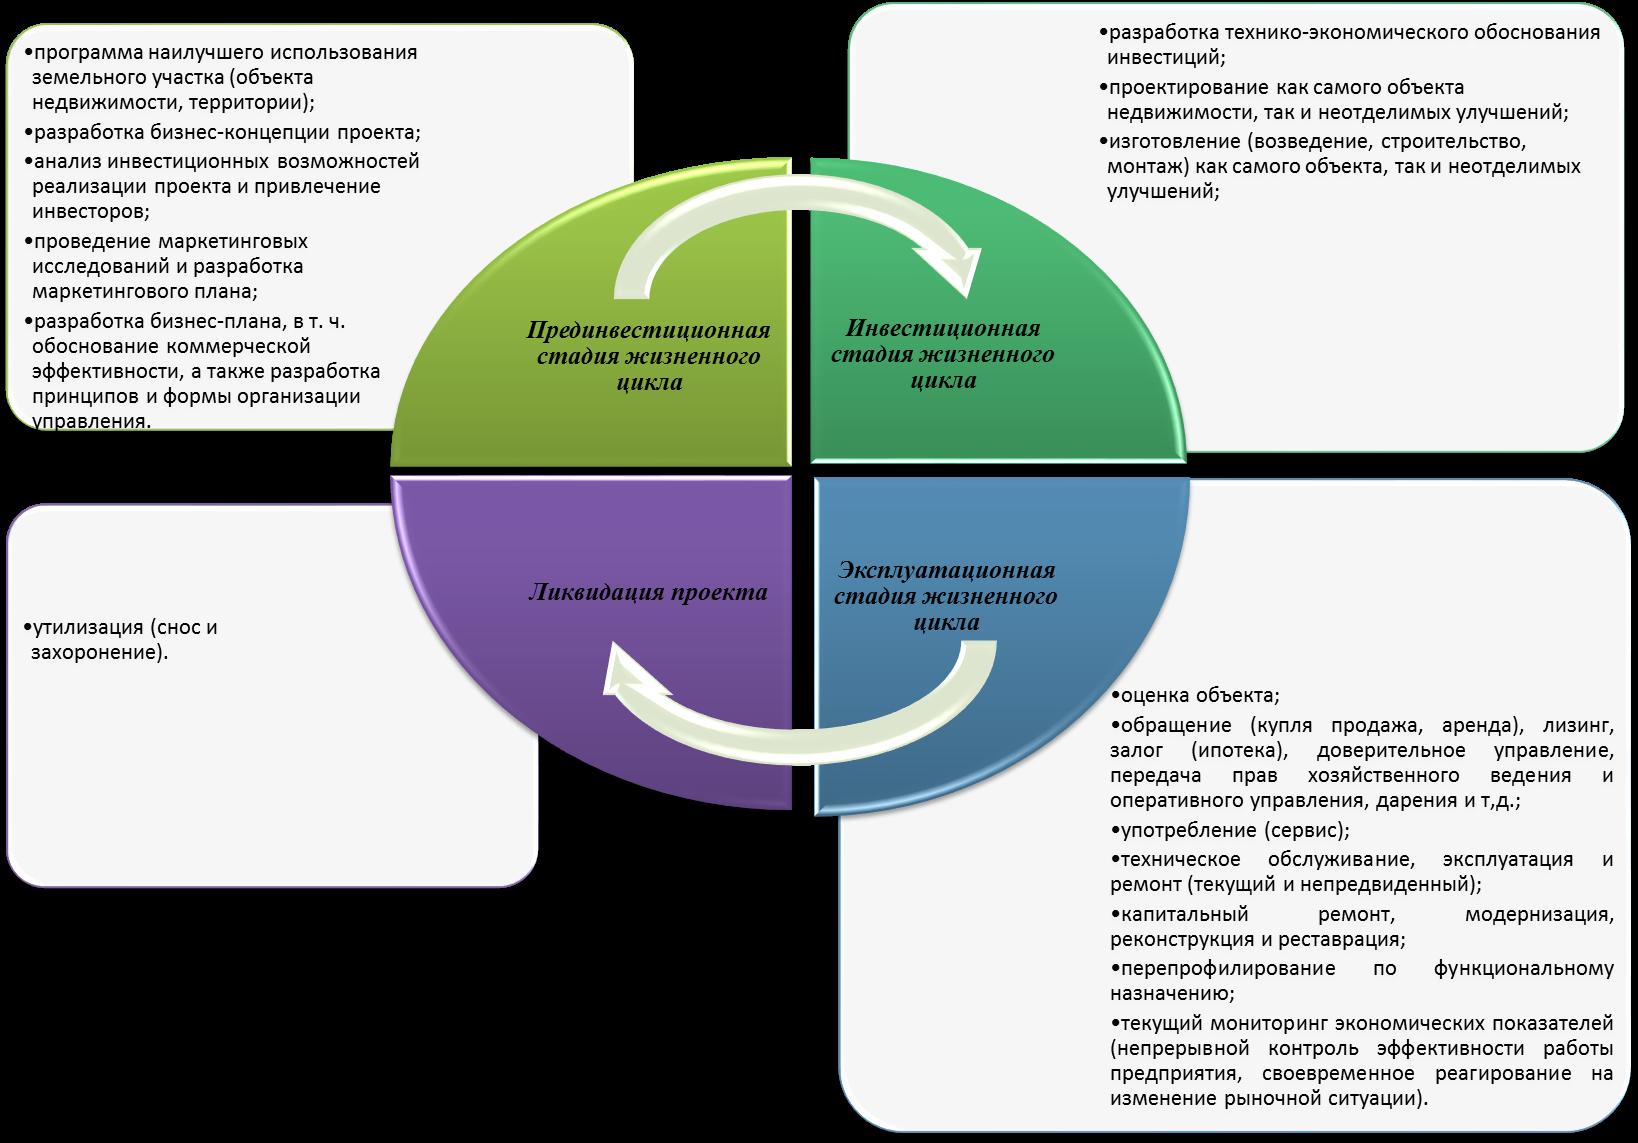 Виды и способы управления коммерческими объектами недвижимости